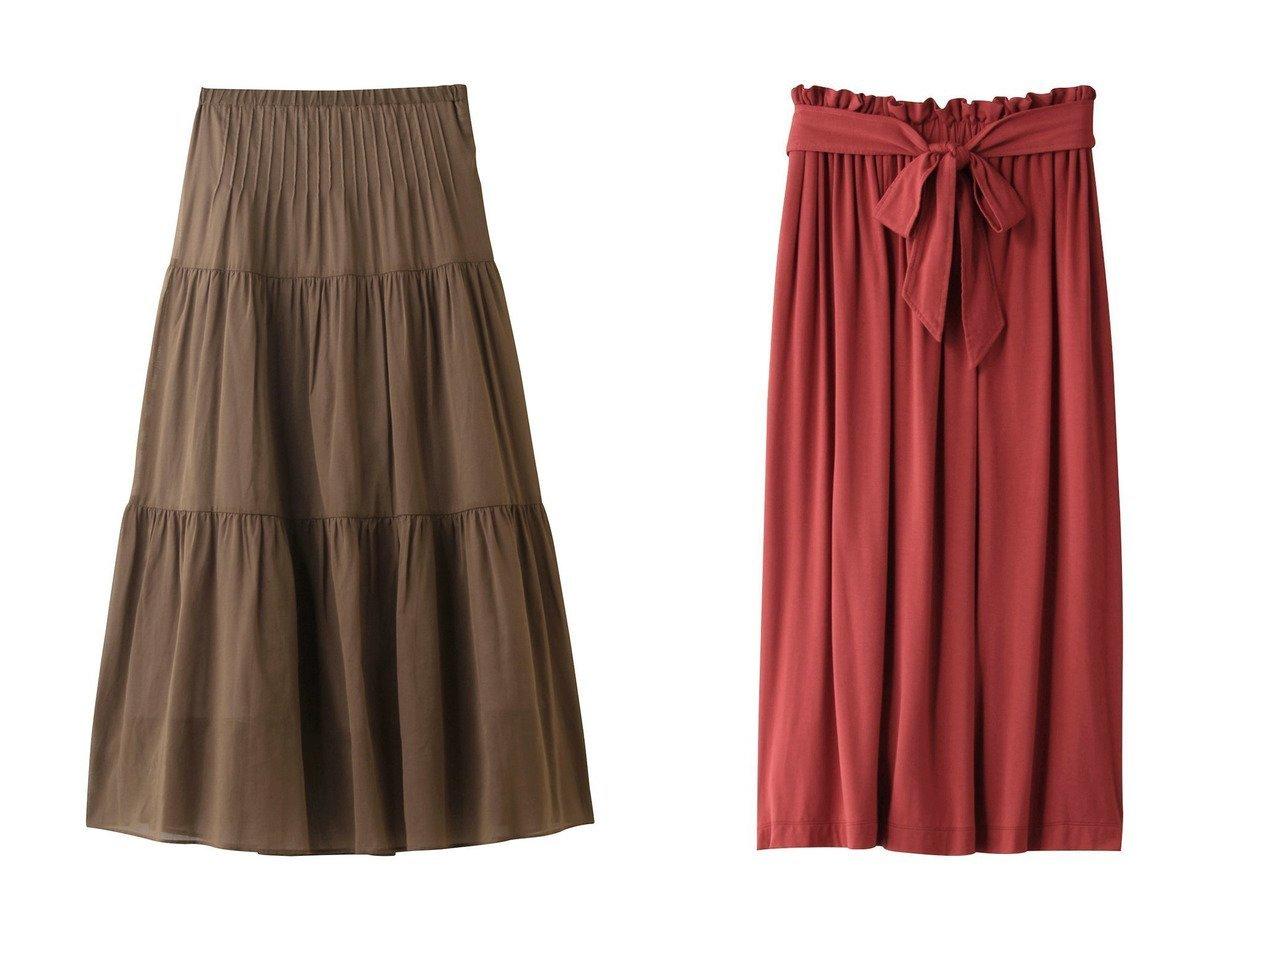 【three dots/スリー ドッツ】のスカート&スカート 【スカート】おすすめ!人気、トレンド・レディースファッションの通販 おすすめで人気の流行・トレンド、ファッションの通販商品 インテリア・家具・メンズファッション・キッズファッション・レディースファッション・服の通販 founy(ファニー) https://founy.com/ ファッション Fashion レディースファッション WOMEN スカート Skirt とろみ ギャザー フレア リボン シアー ティアード |ID:crp329100000053490